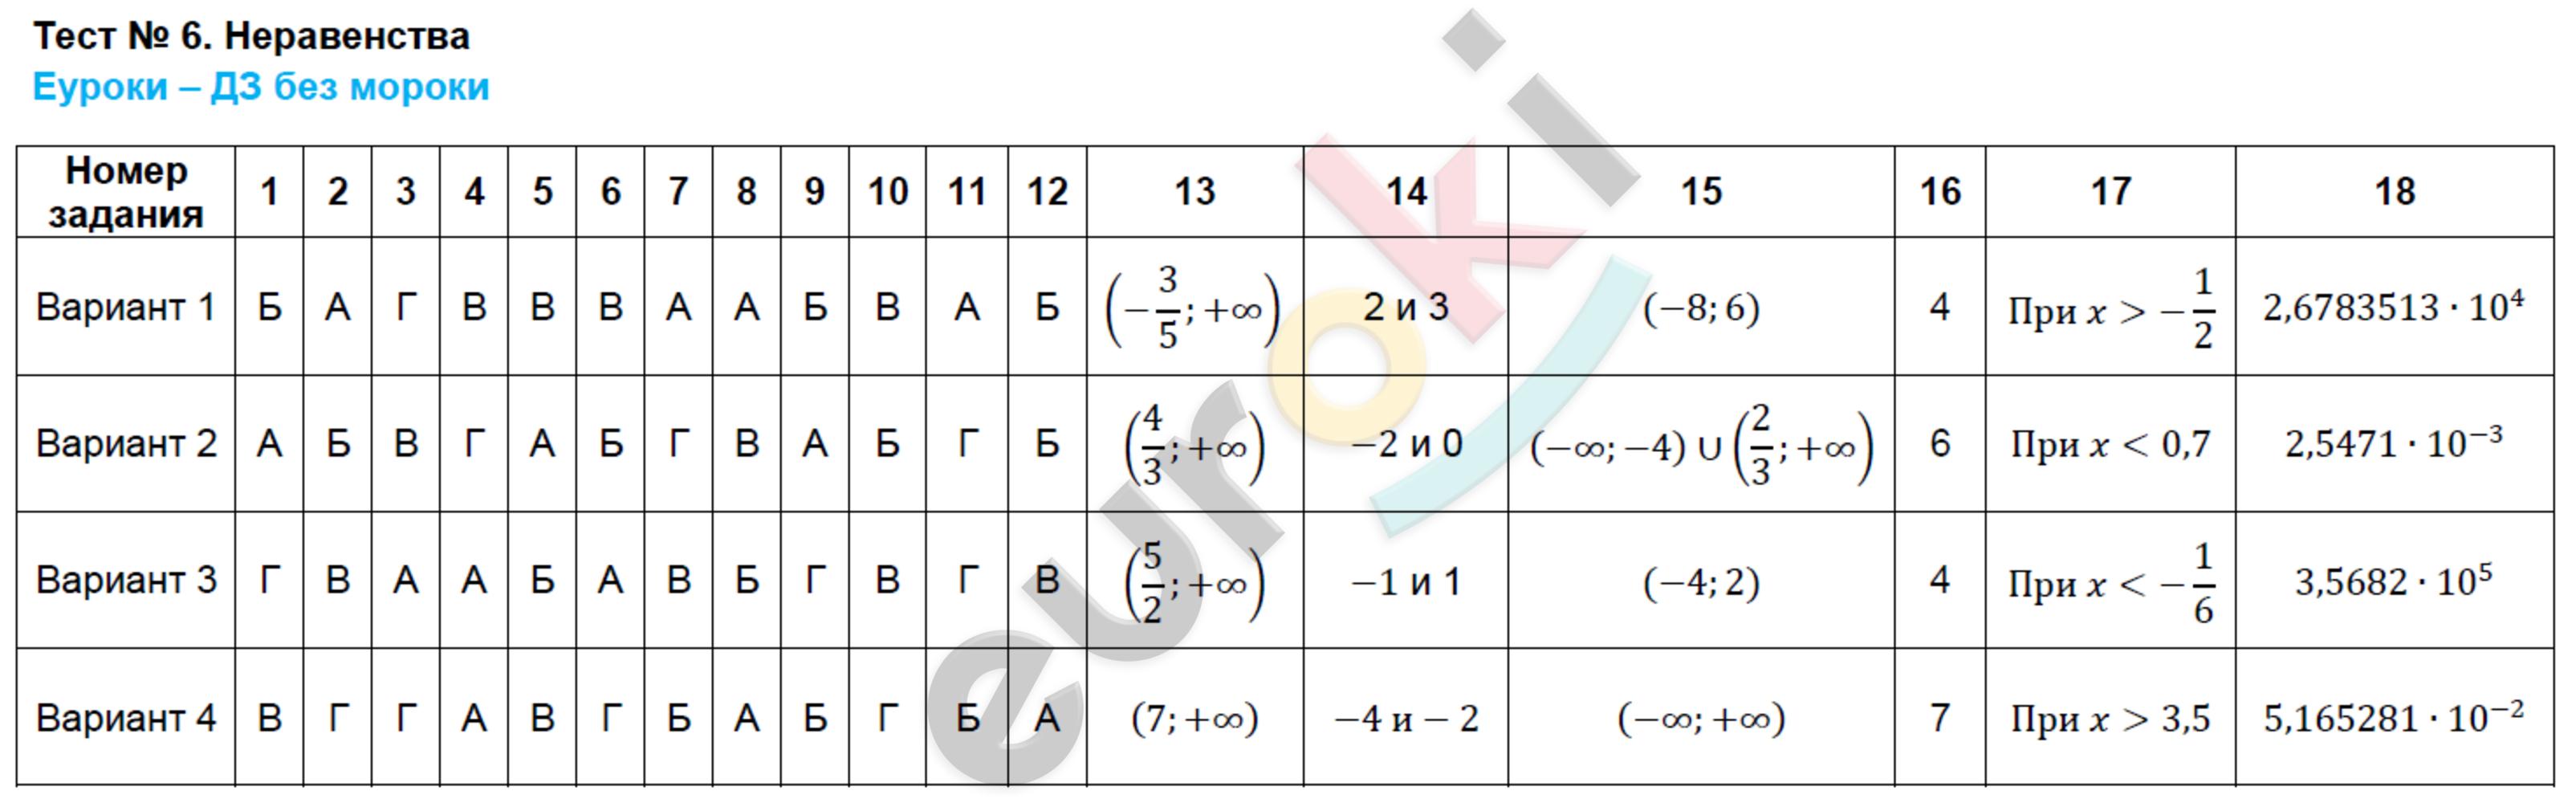 ГДЗ по алгебре 8 класс тесты Ключникова, Комиссарова. К учебнику Мордковича. Задание: Тест 6. Неравенства